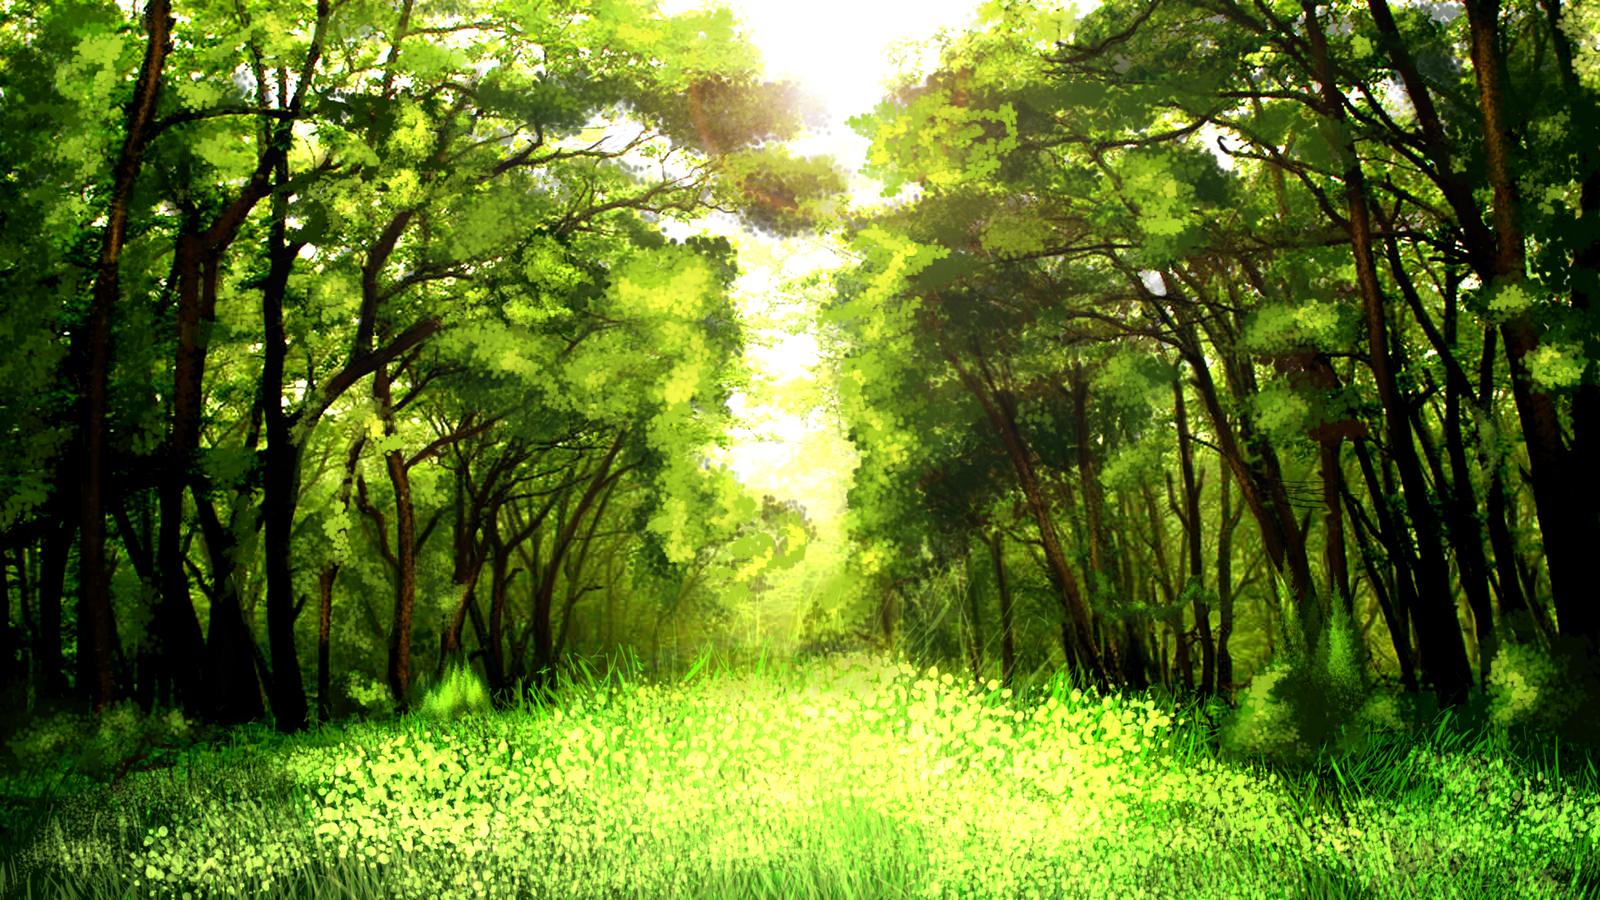 Season >> Spring [x] Summer [] Fall [] Winter []